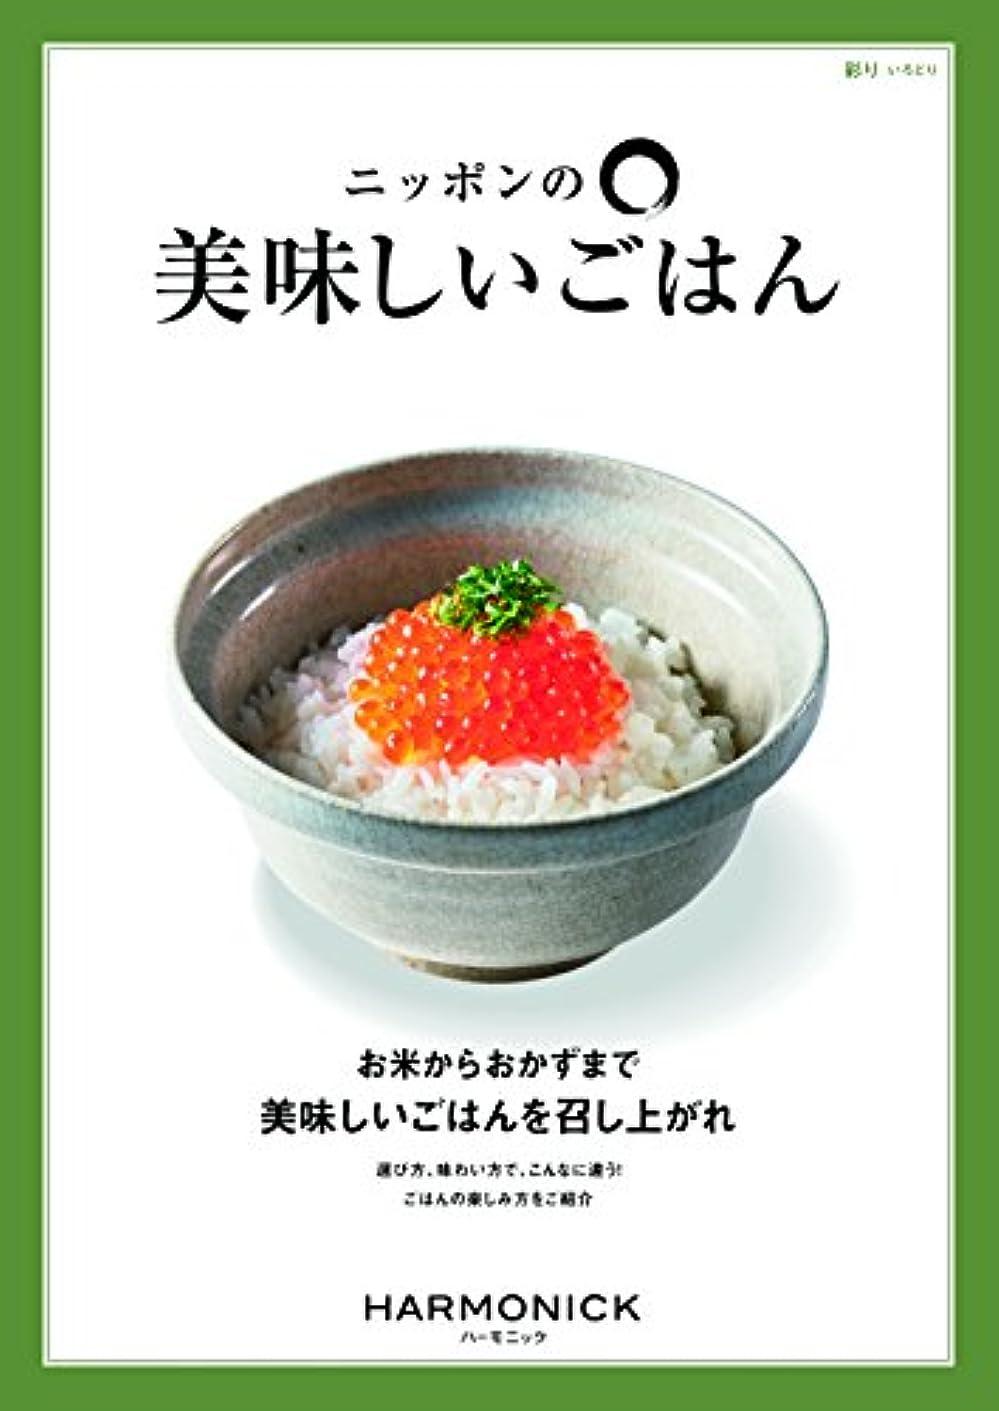 コロニアルクローン血統ハーモニック グルメカタログ ニッポンの美味しいごはん 彩り いろどり